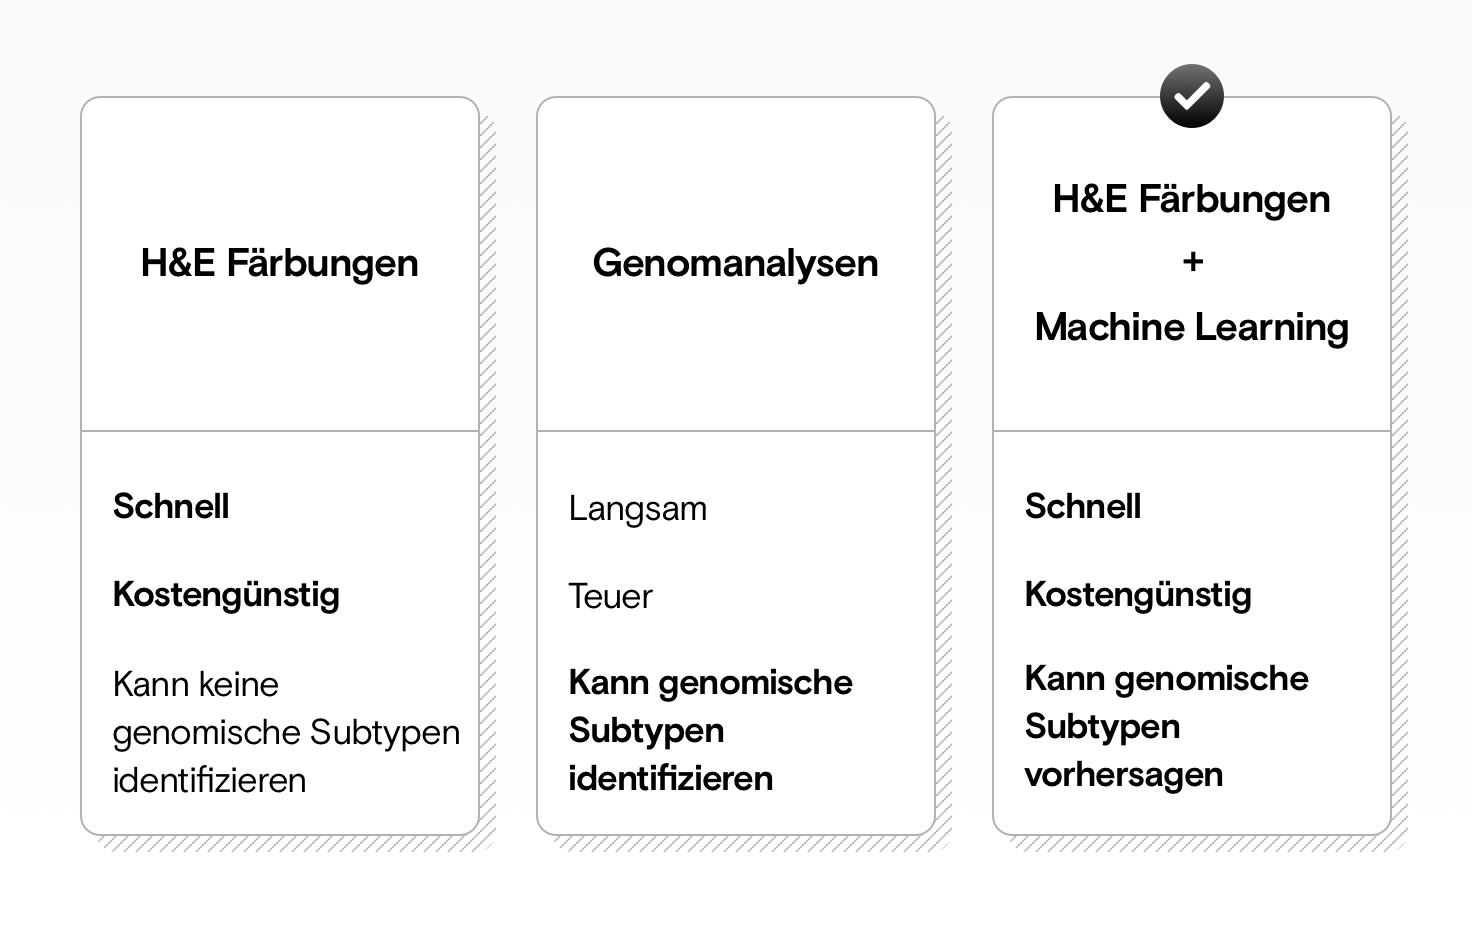 Eine Tabelle, die zeigt, dass H&E-Färbungen schnell und günstiger sind, aber keine genomische Subtyp-Analyse ermöglichen. Genomanalysen sind langsam und teuer, können aber genomische Subtypen analysieren. Die Kombination von H&E-Färbungen mit Machine Learning ist schnell, günstig und kann genomische Subtyp-Analysen durchführen.